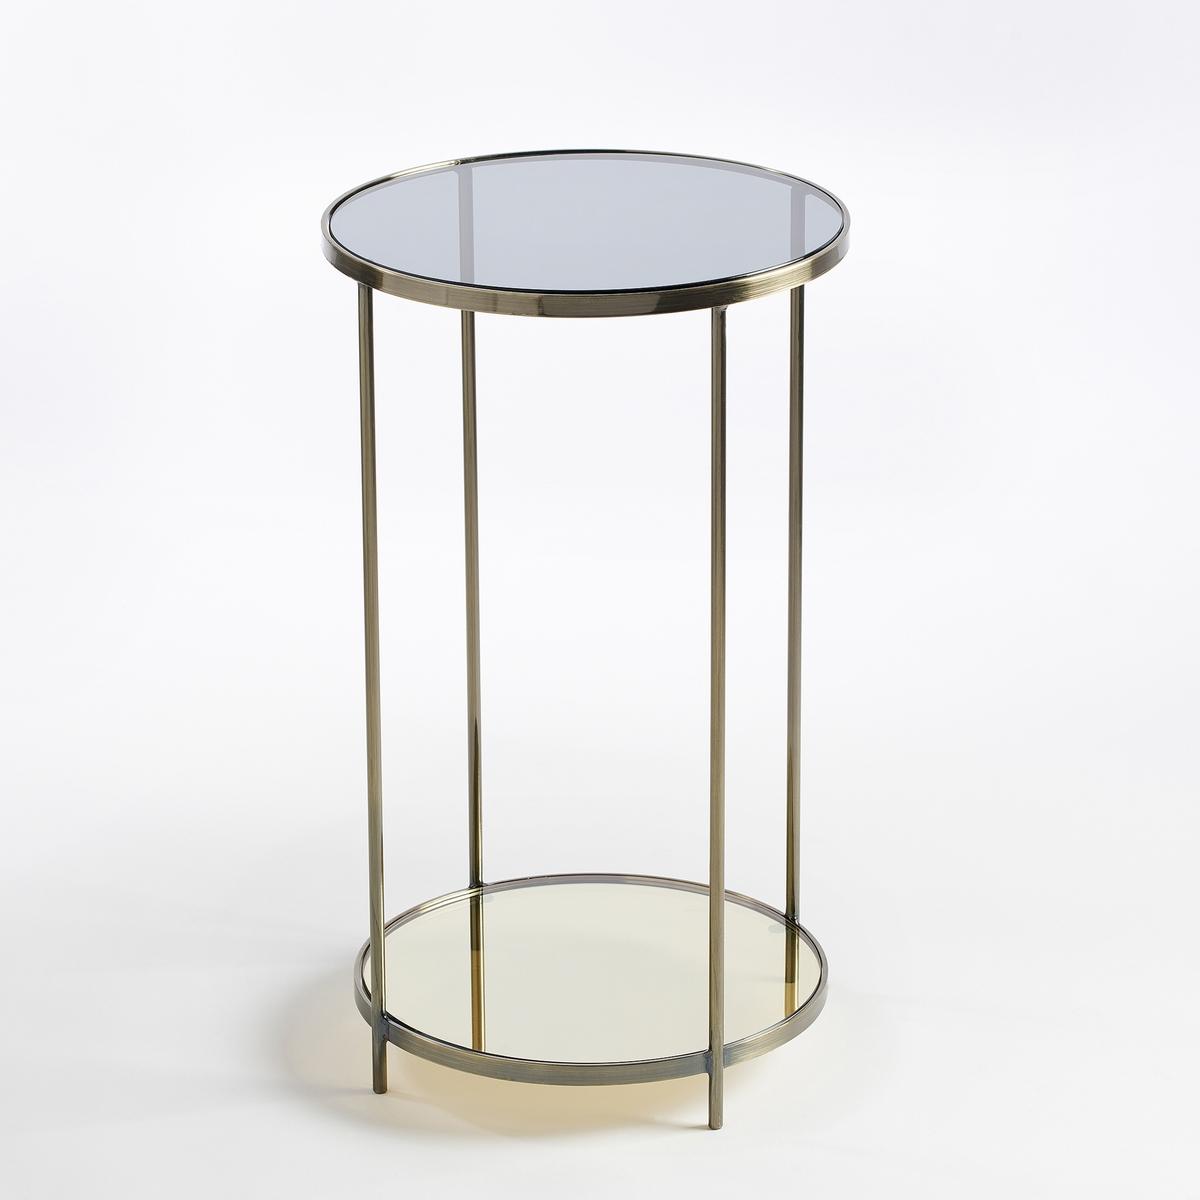 Тумба прикроватная круглая - журнальный столик Ulupna из остаренной латуни